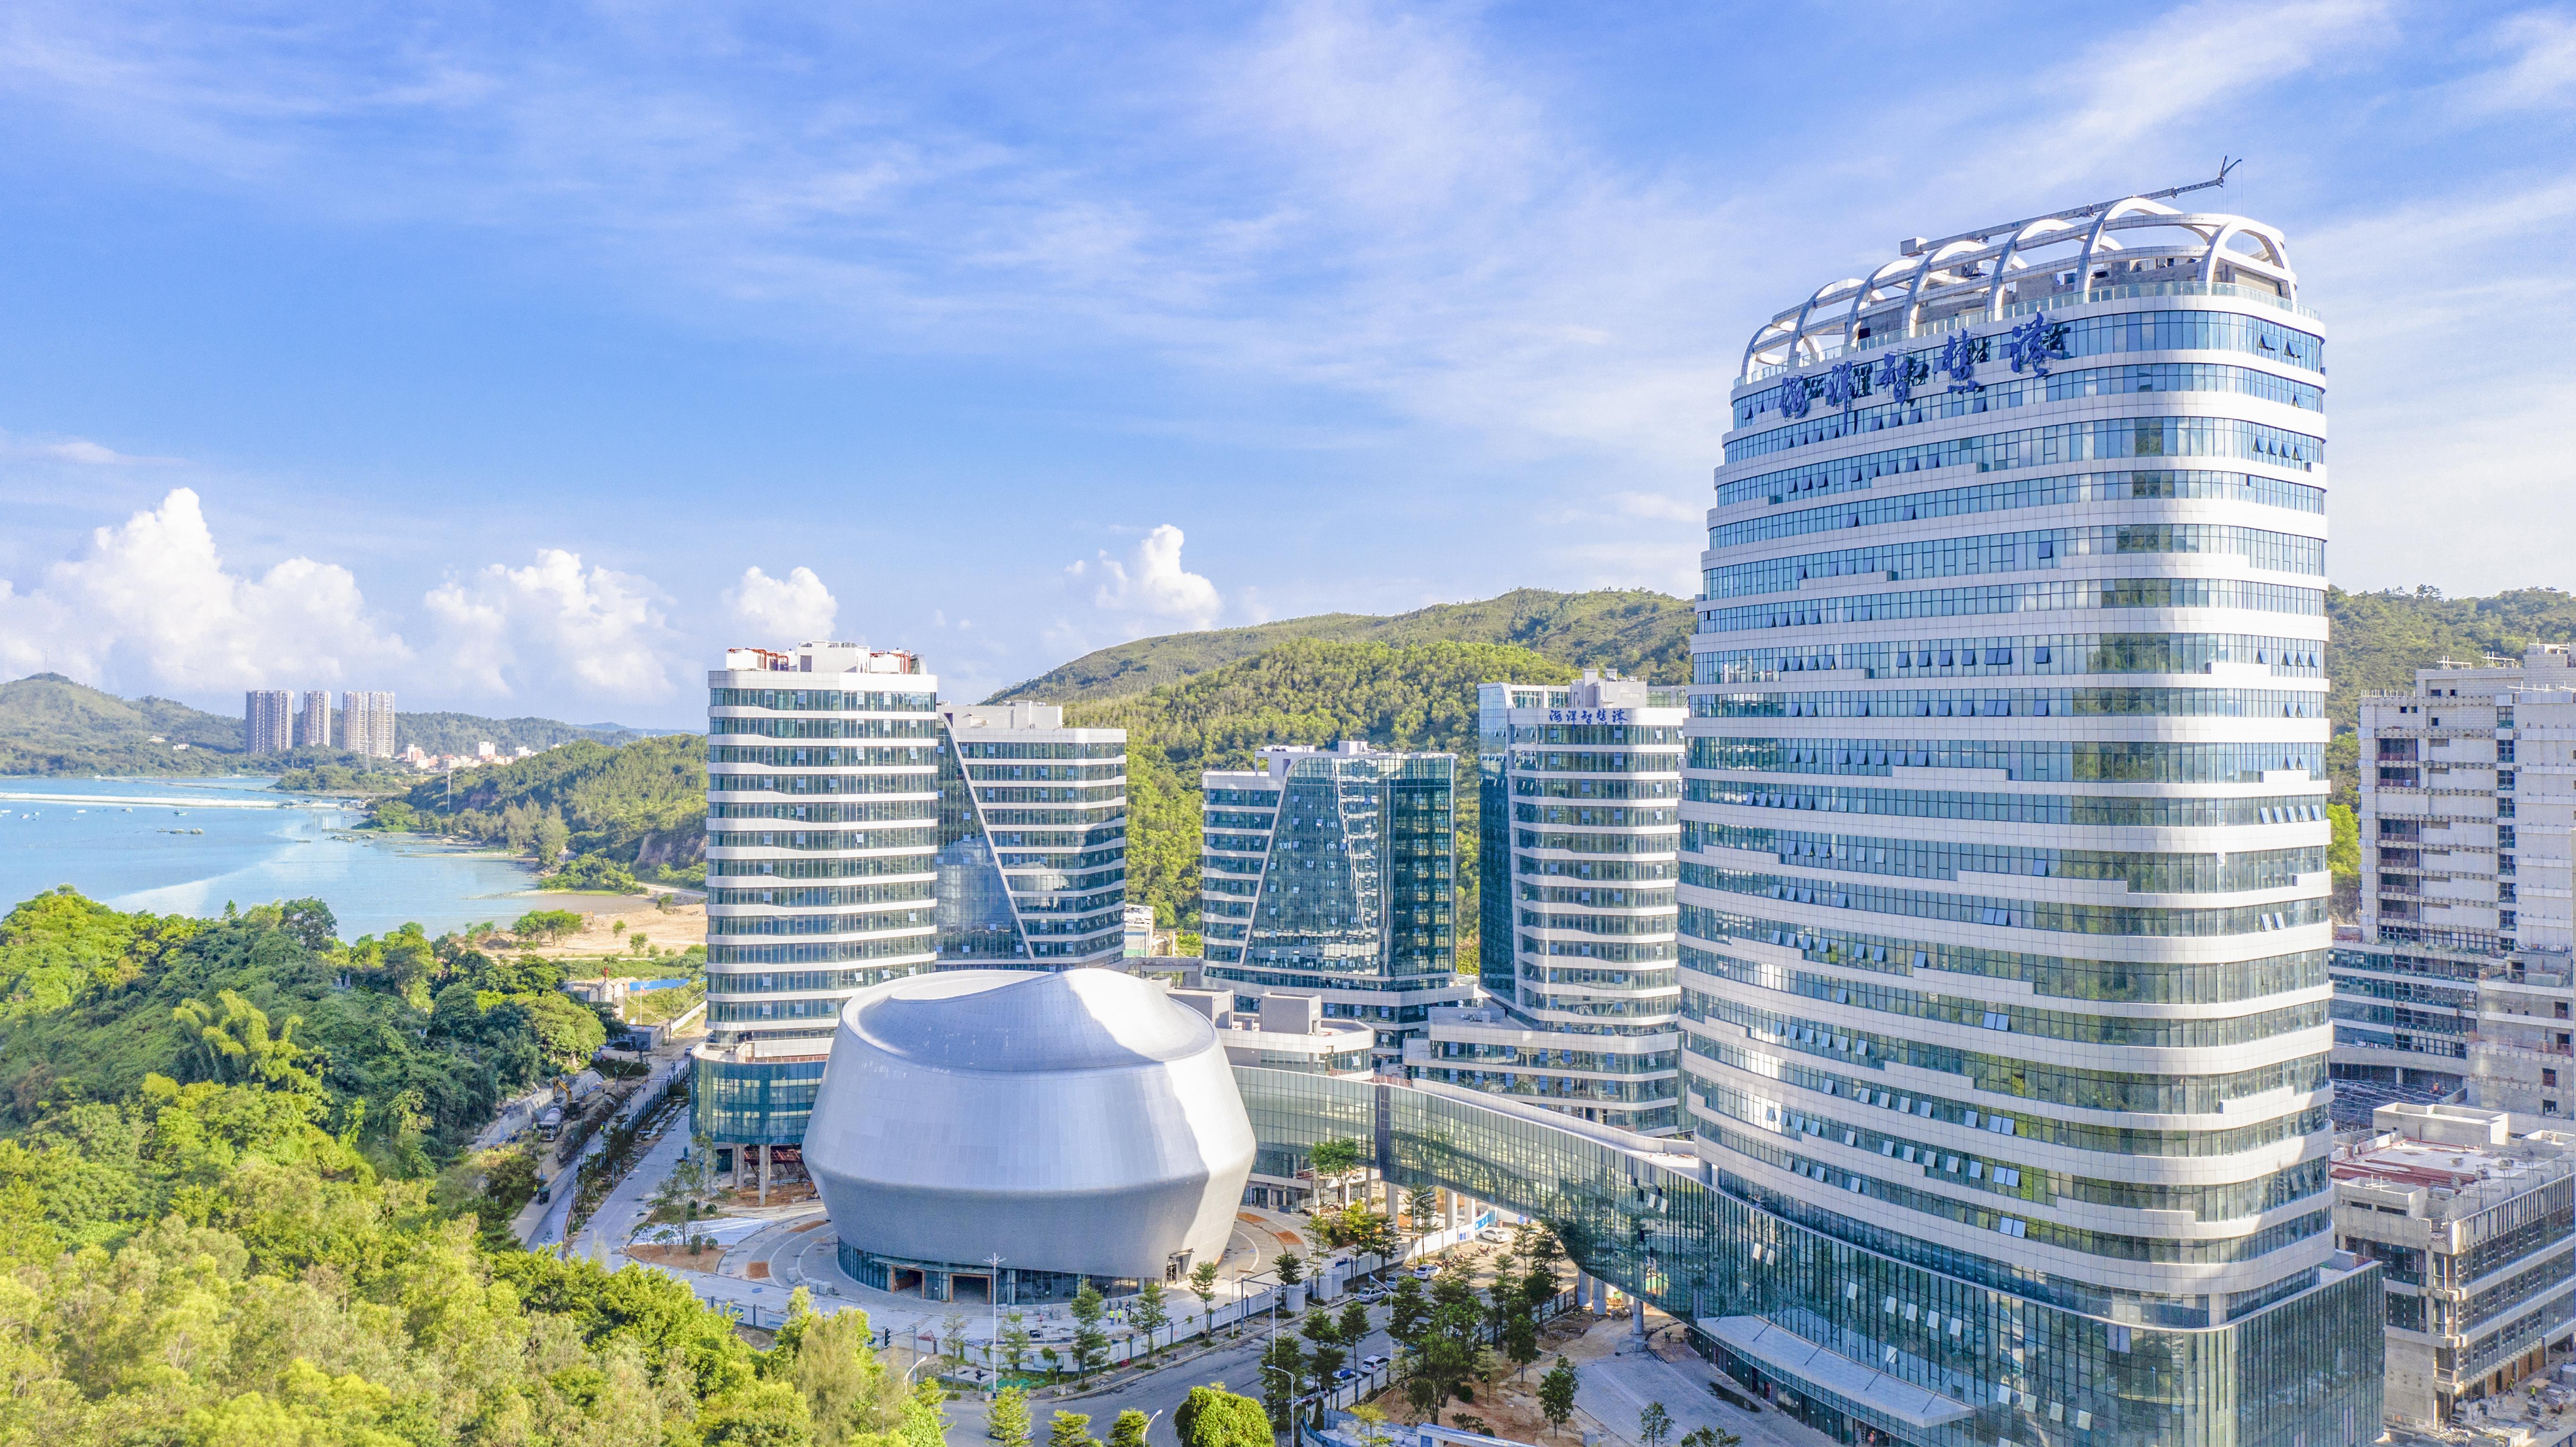 深汕合作区助力深圳全球海洋中心城市建设。图为深汕海洋智慧港。